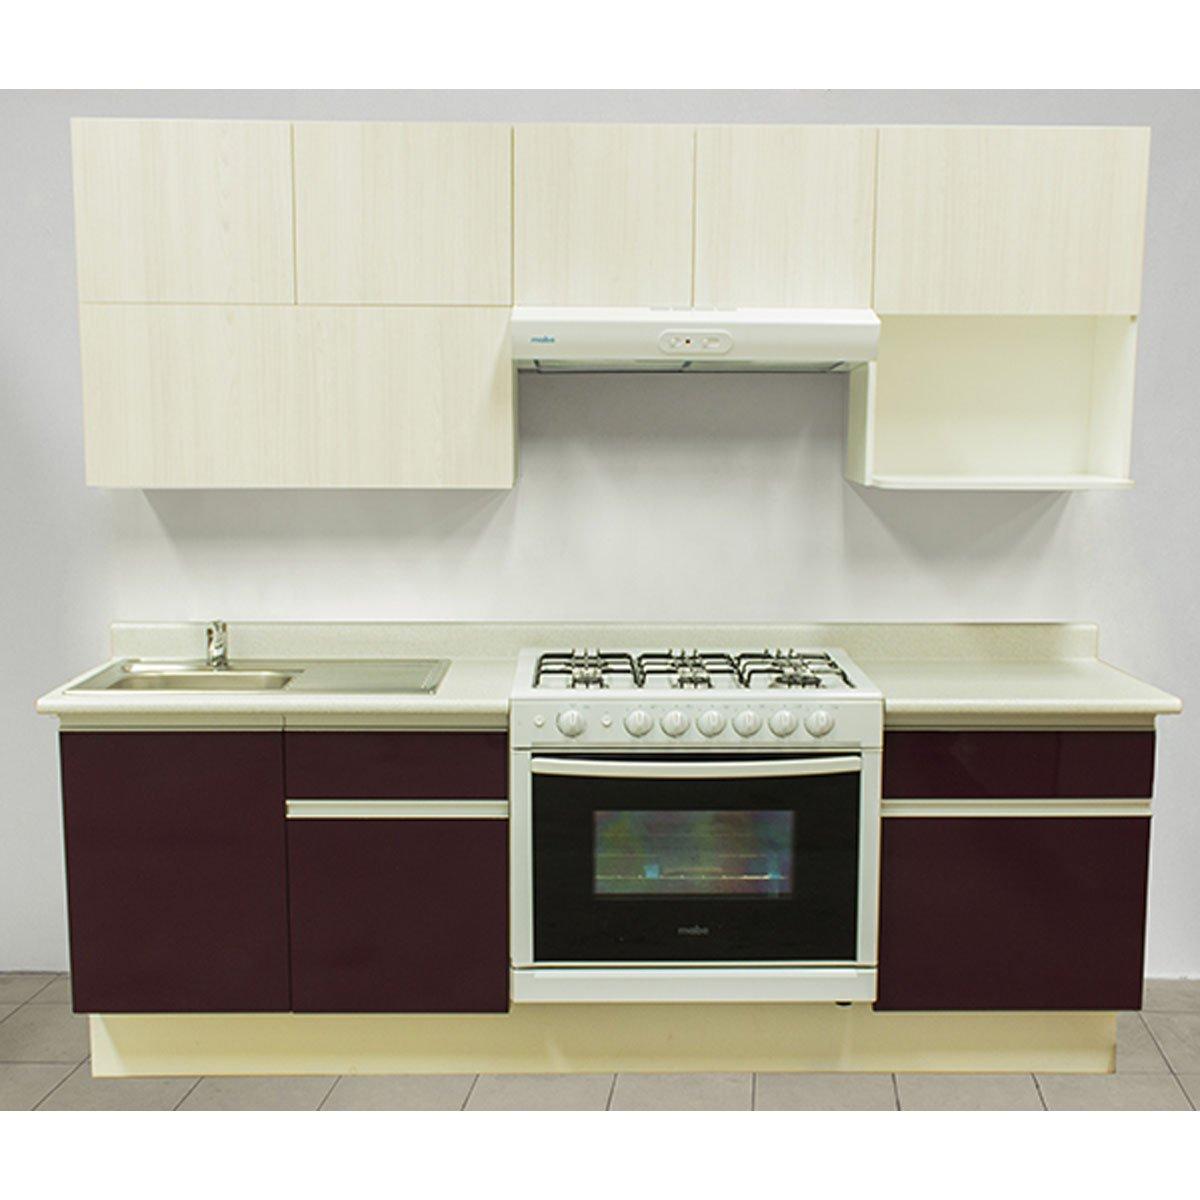 Cocina integral rouge estufa derecha tarja for Armado de cocina integral